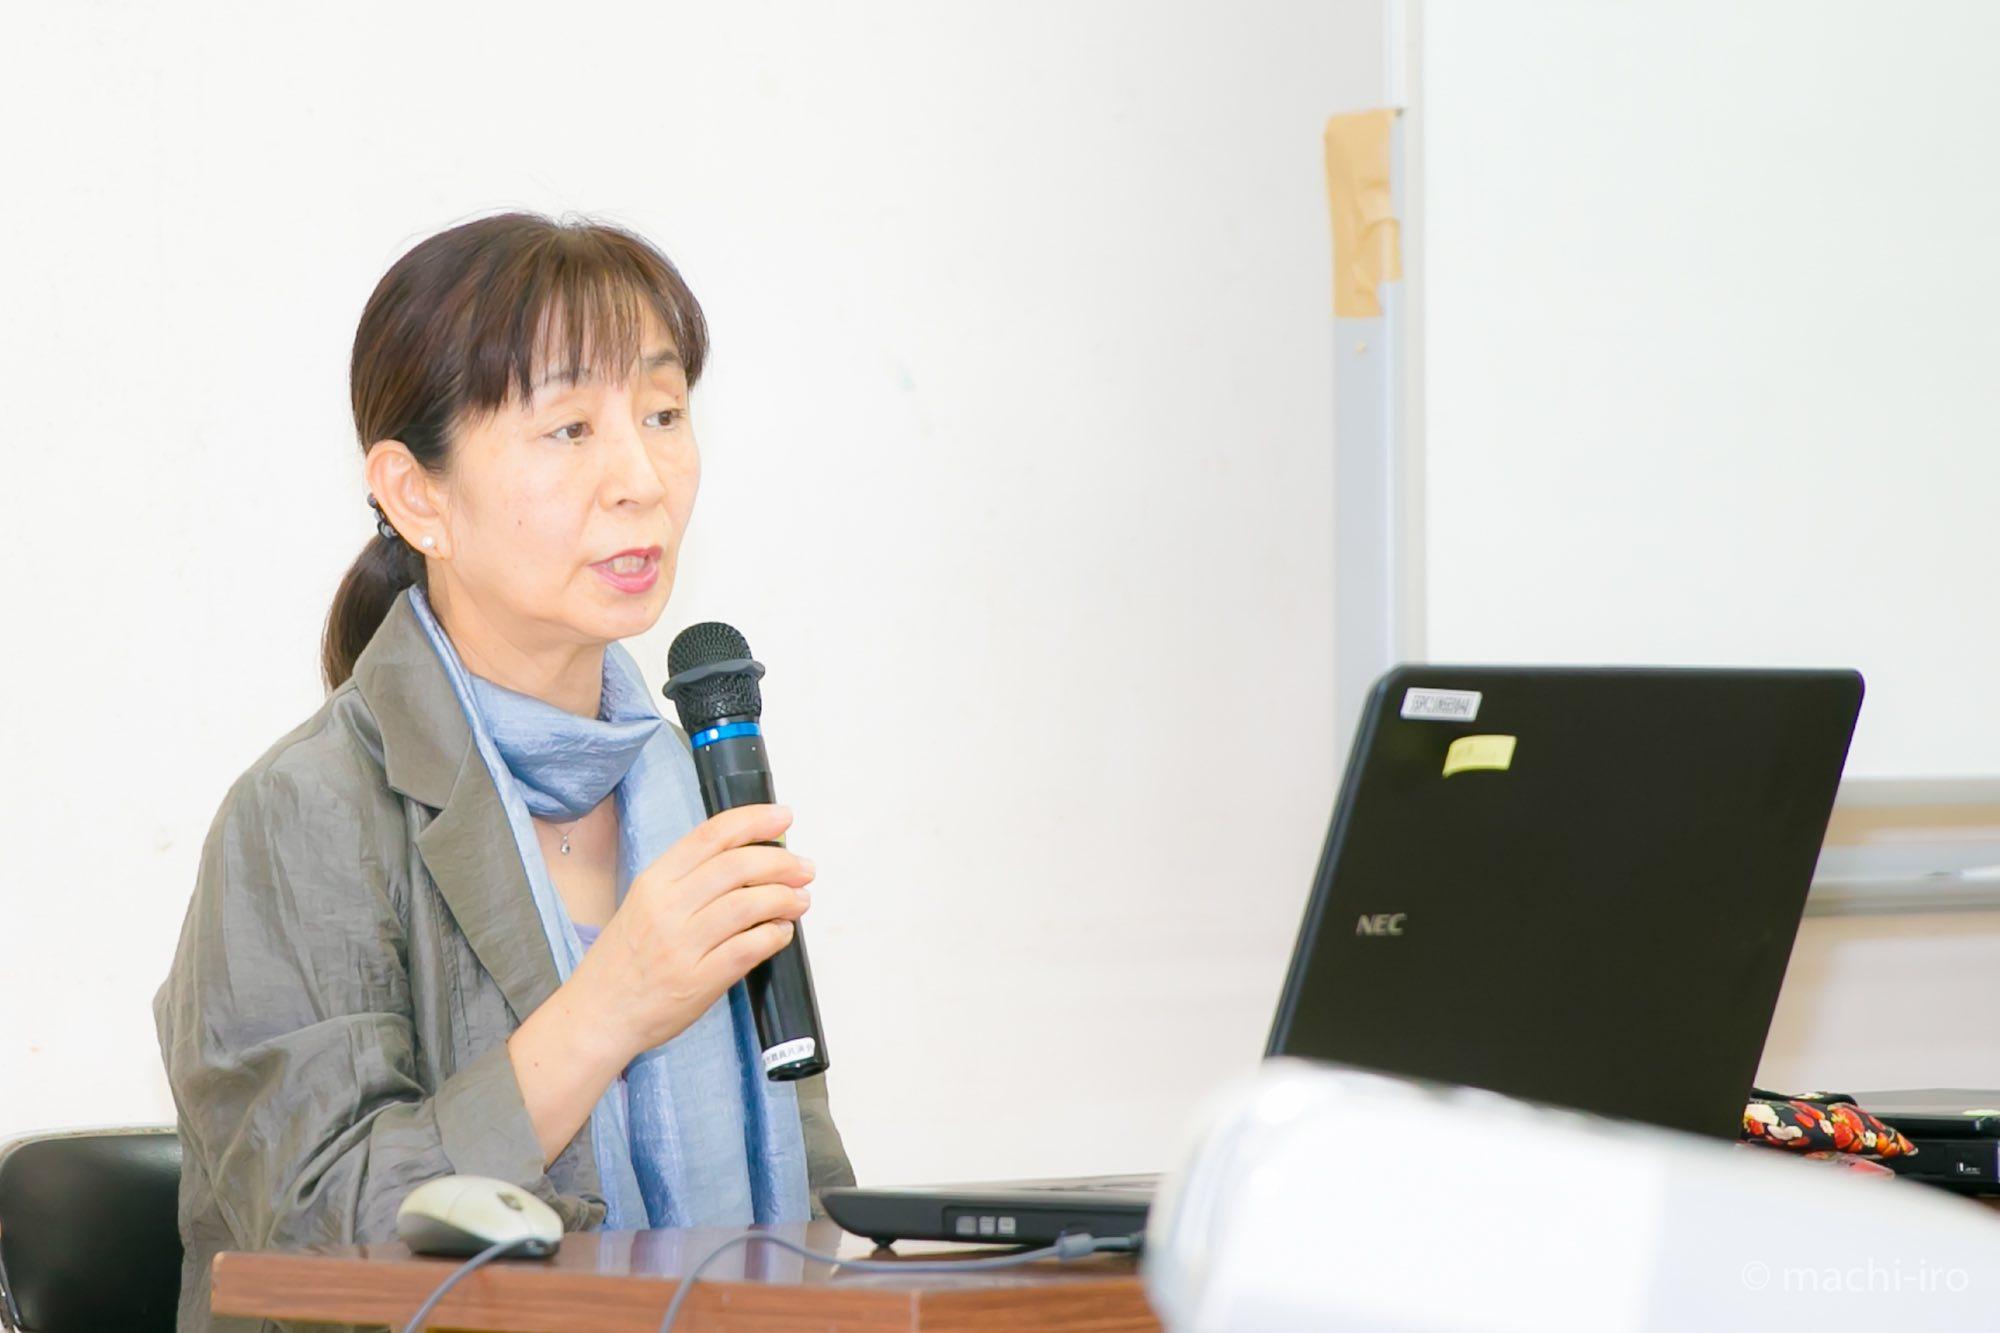 泉和子さん インタビュー